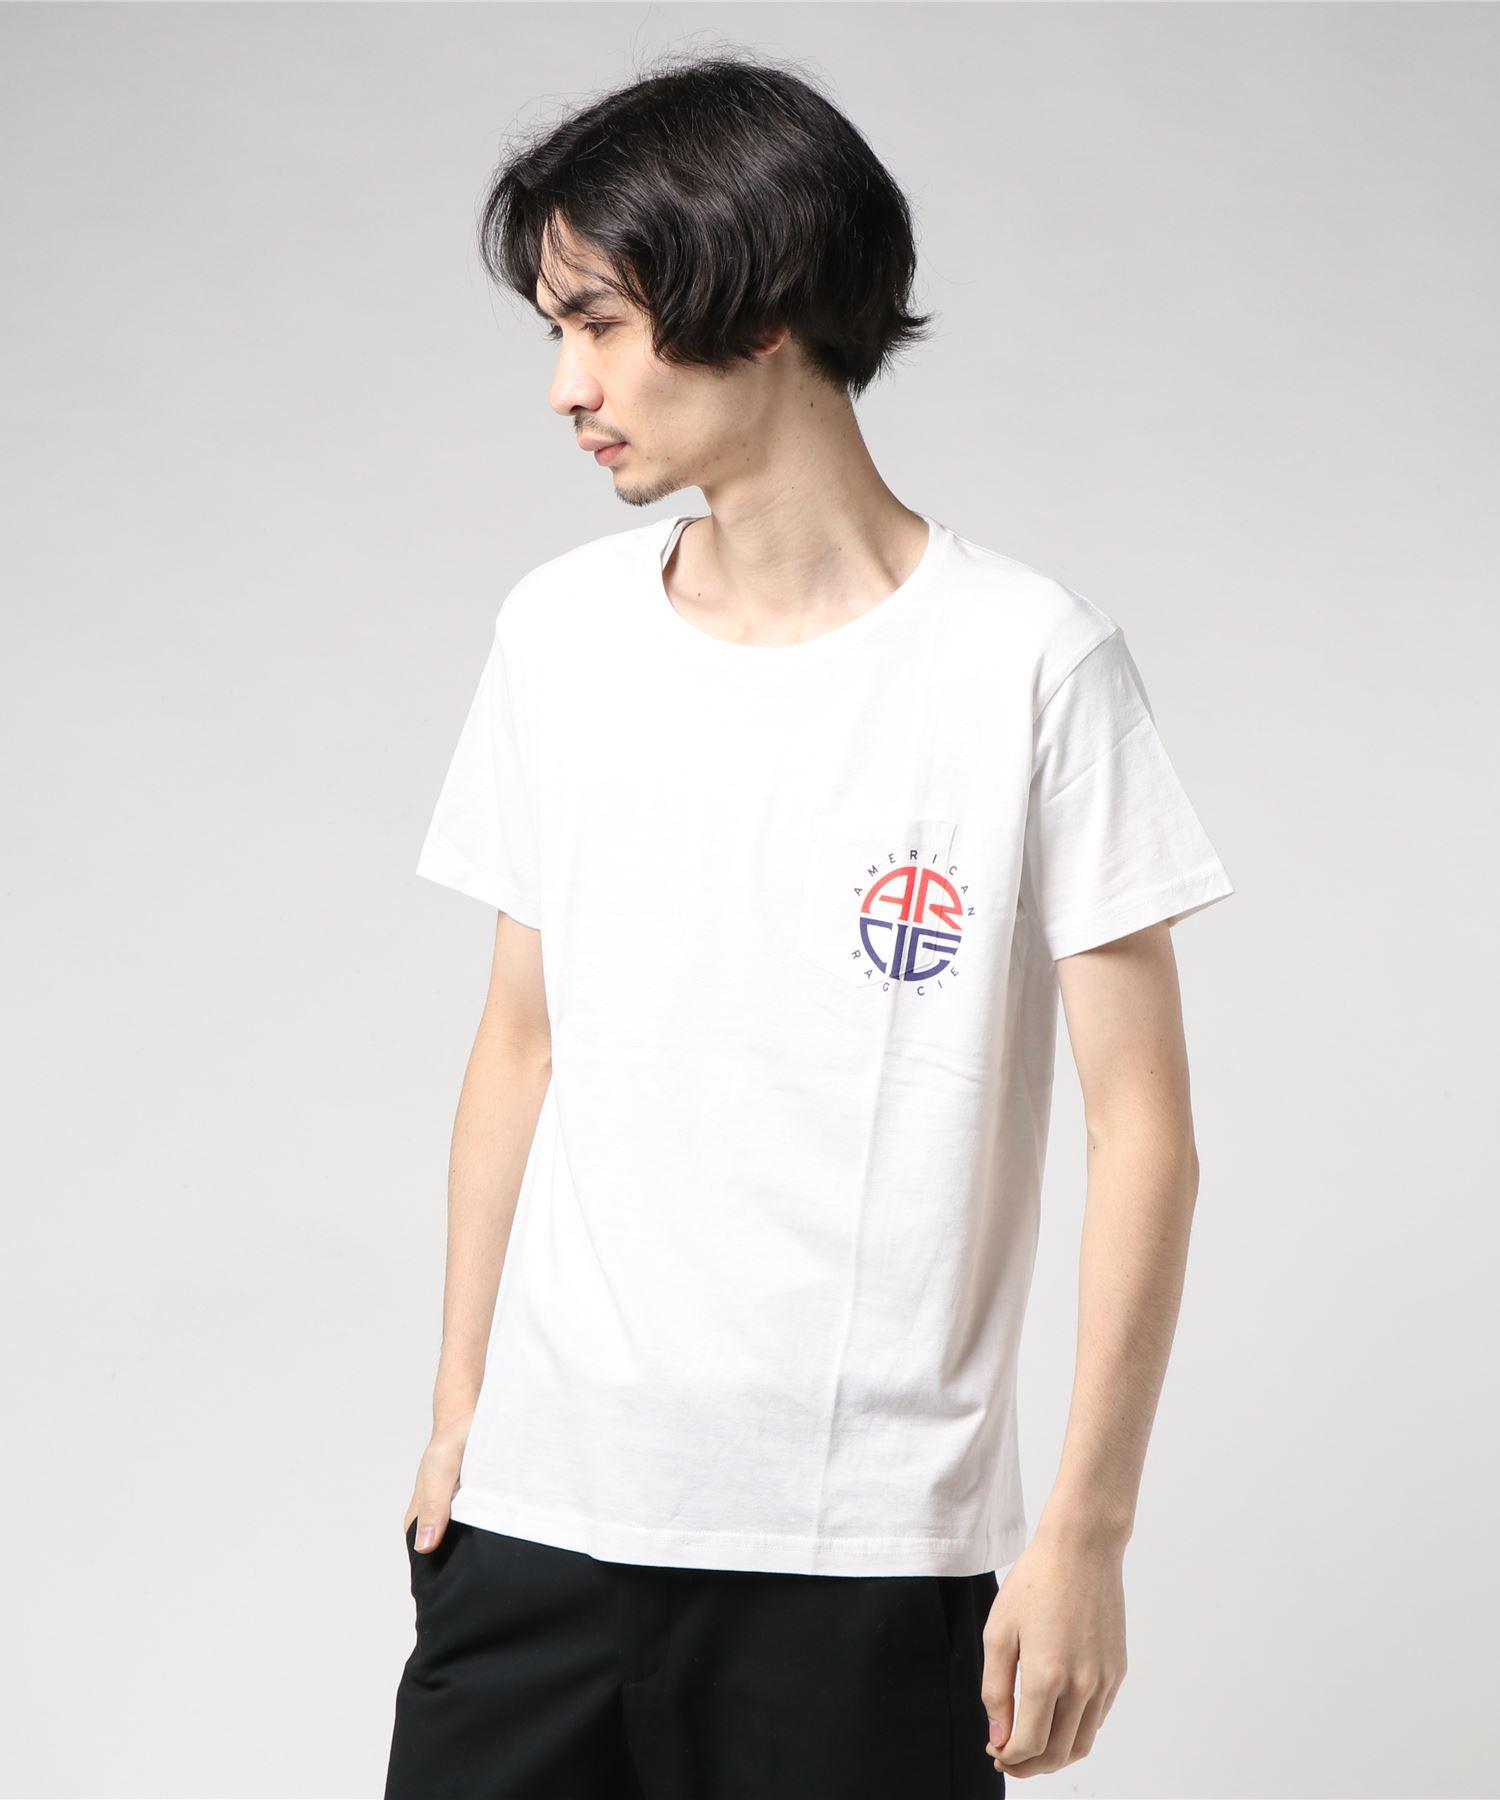 AMERICAN RAG CIE ARC Out Of The Box Round Logo Print Pocket T Shirt/アメリカンラグシー ARCはみ出しラウンドロゴプリント1ポケT